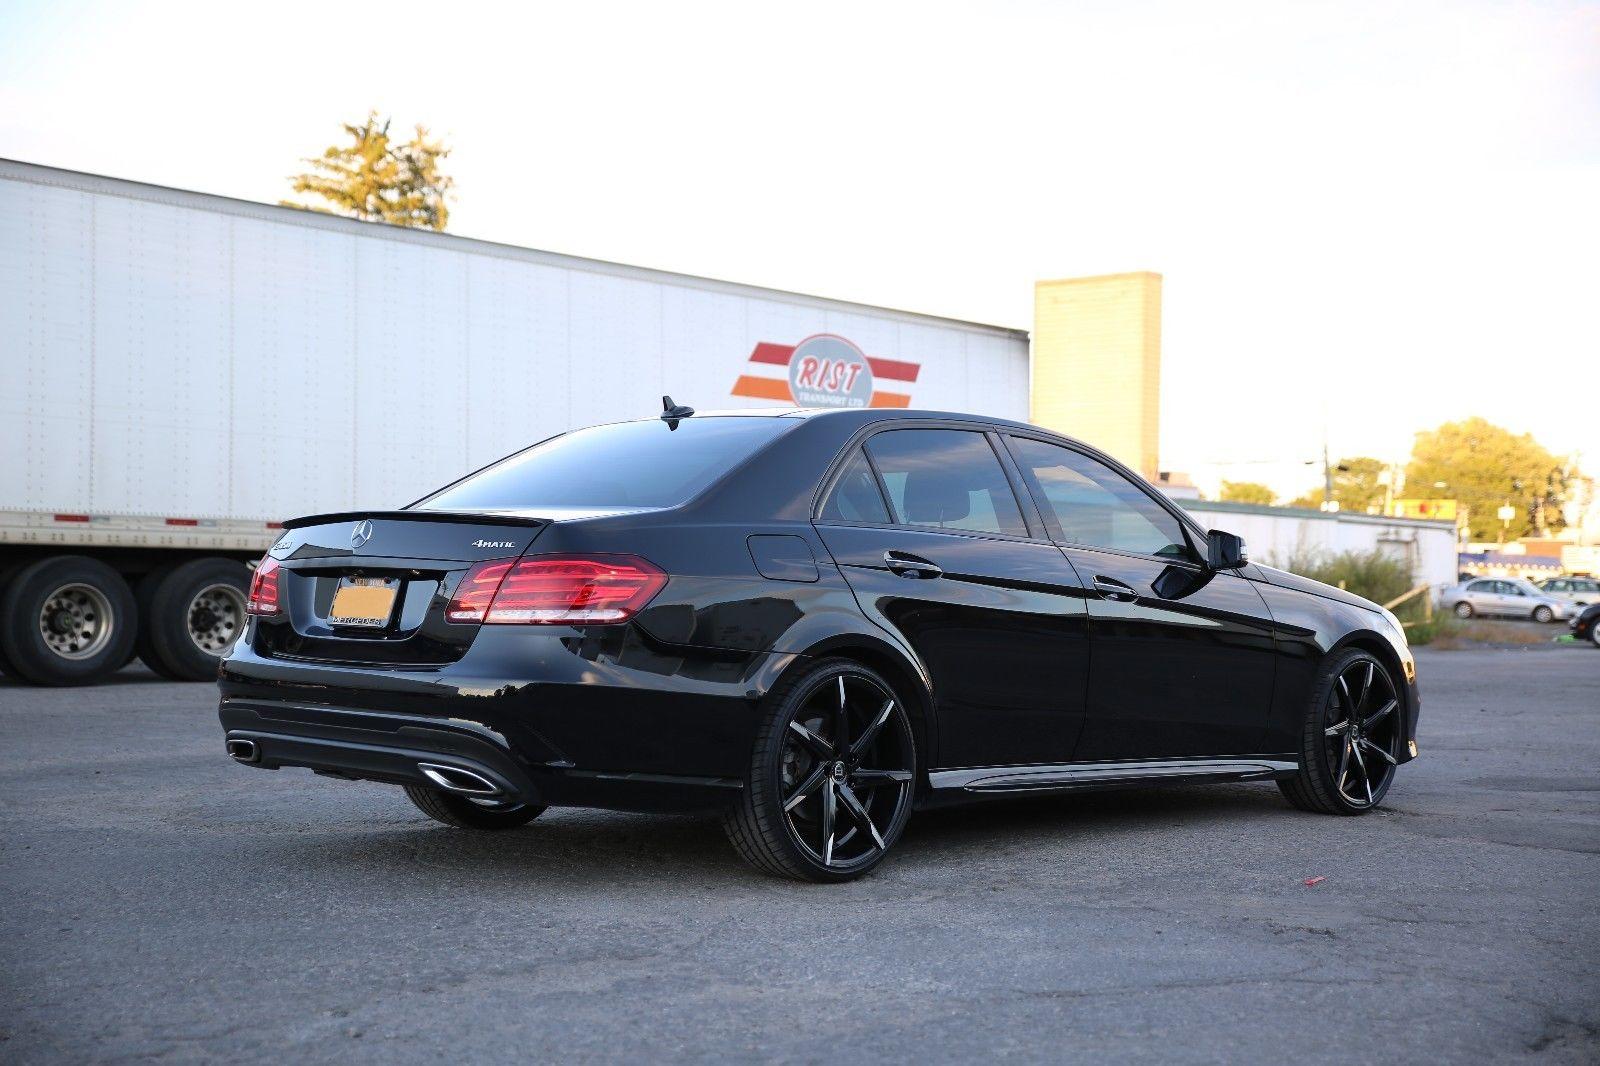 2014 mercedes benz w212 facelift e350 black on black. Black Bedroom Furniture Sets. Home Design Ideas